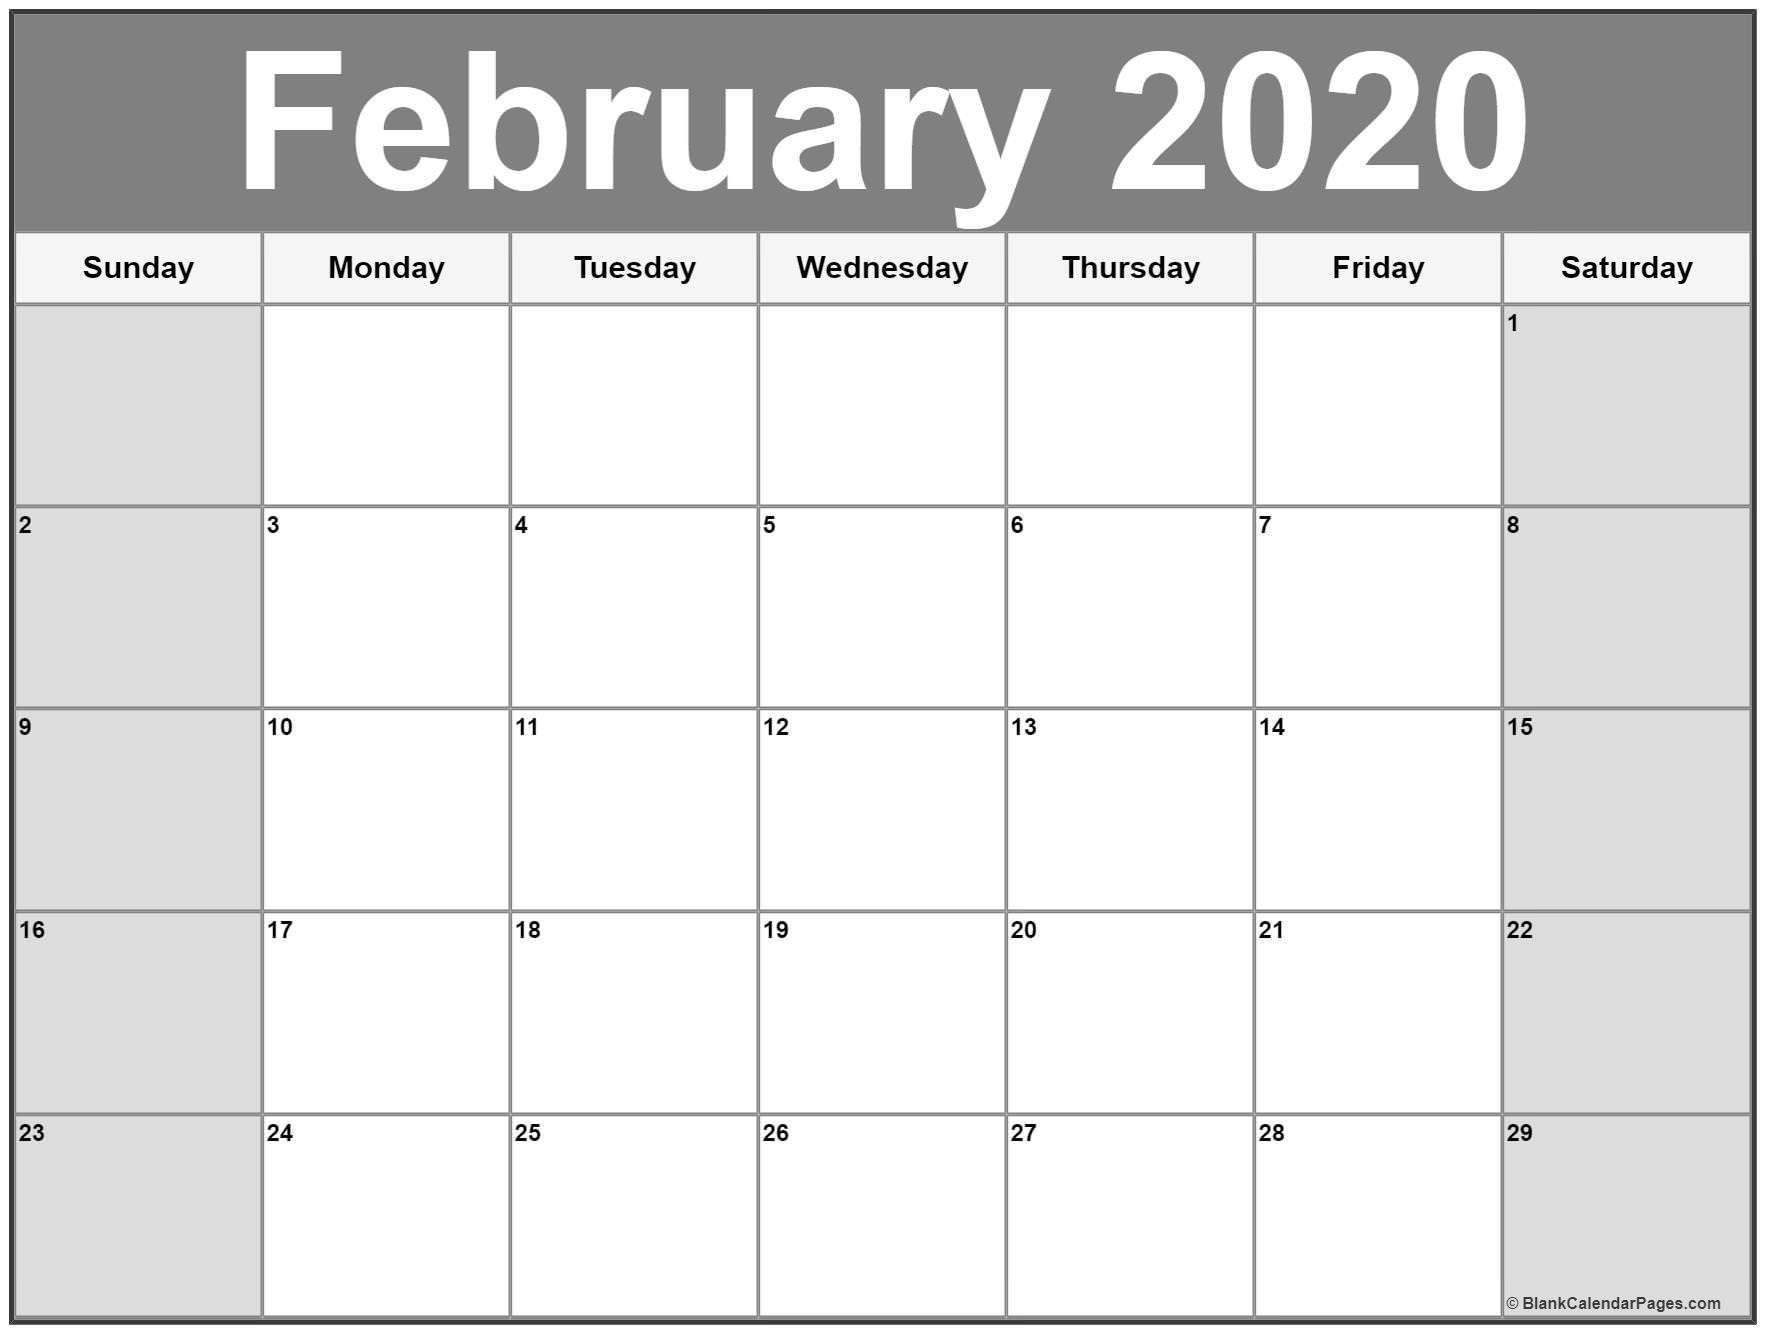 Free Printable February Calendar 2020 February 2020 calendar